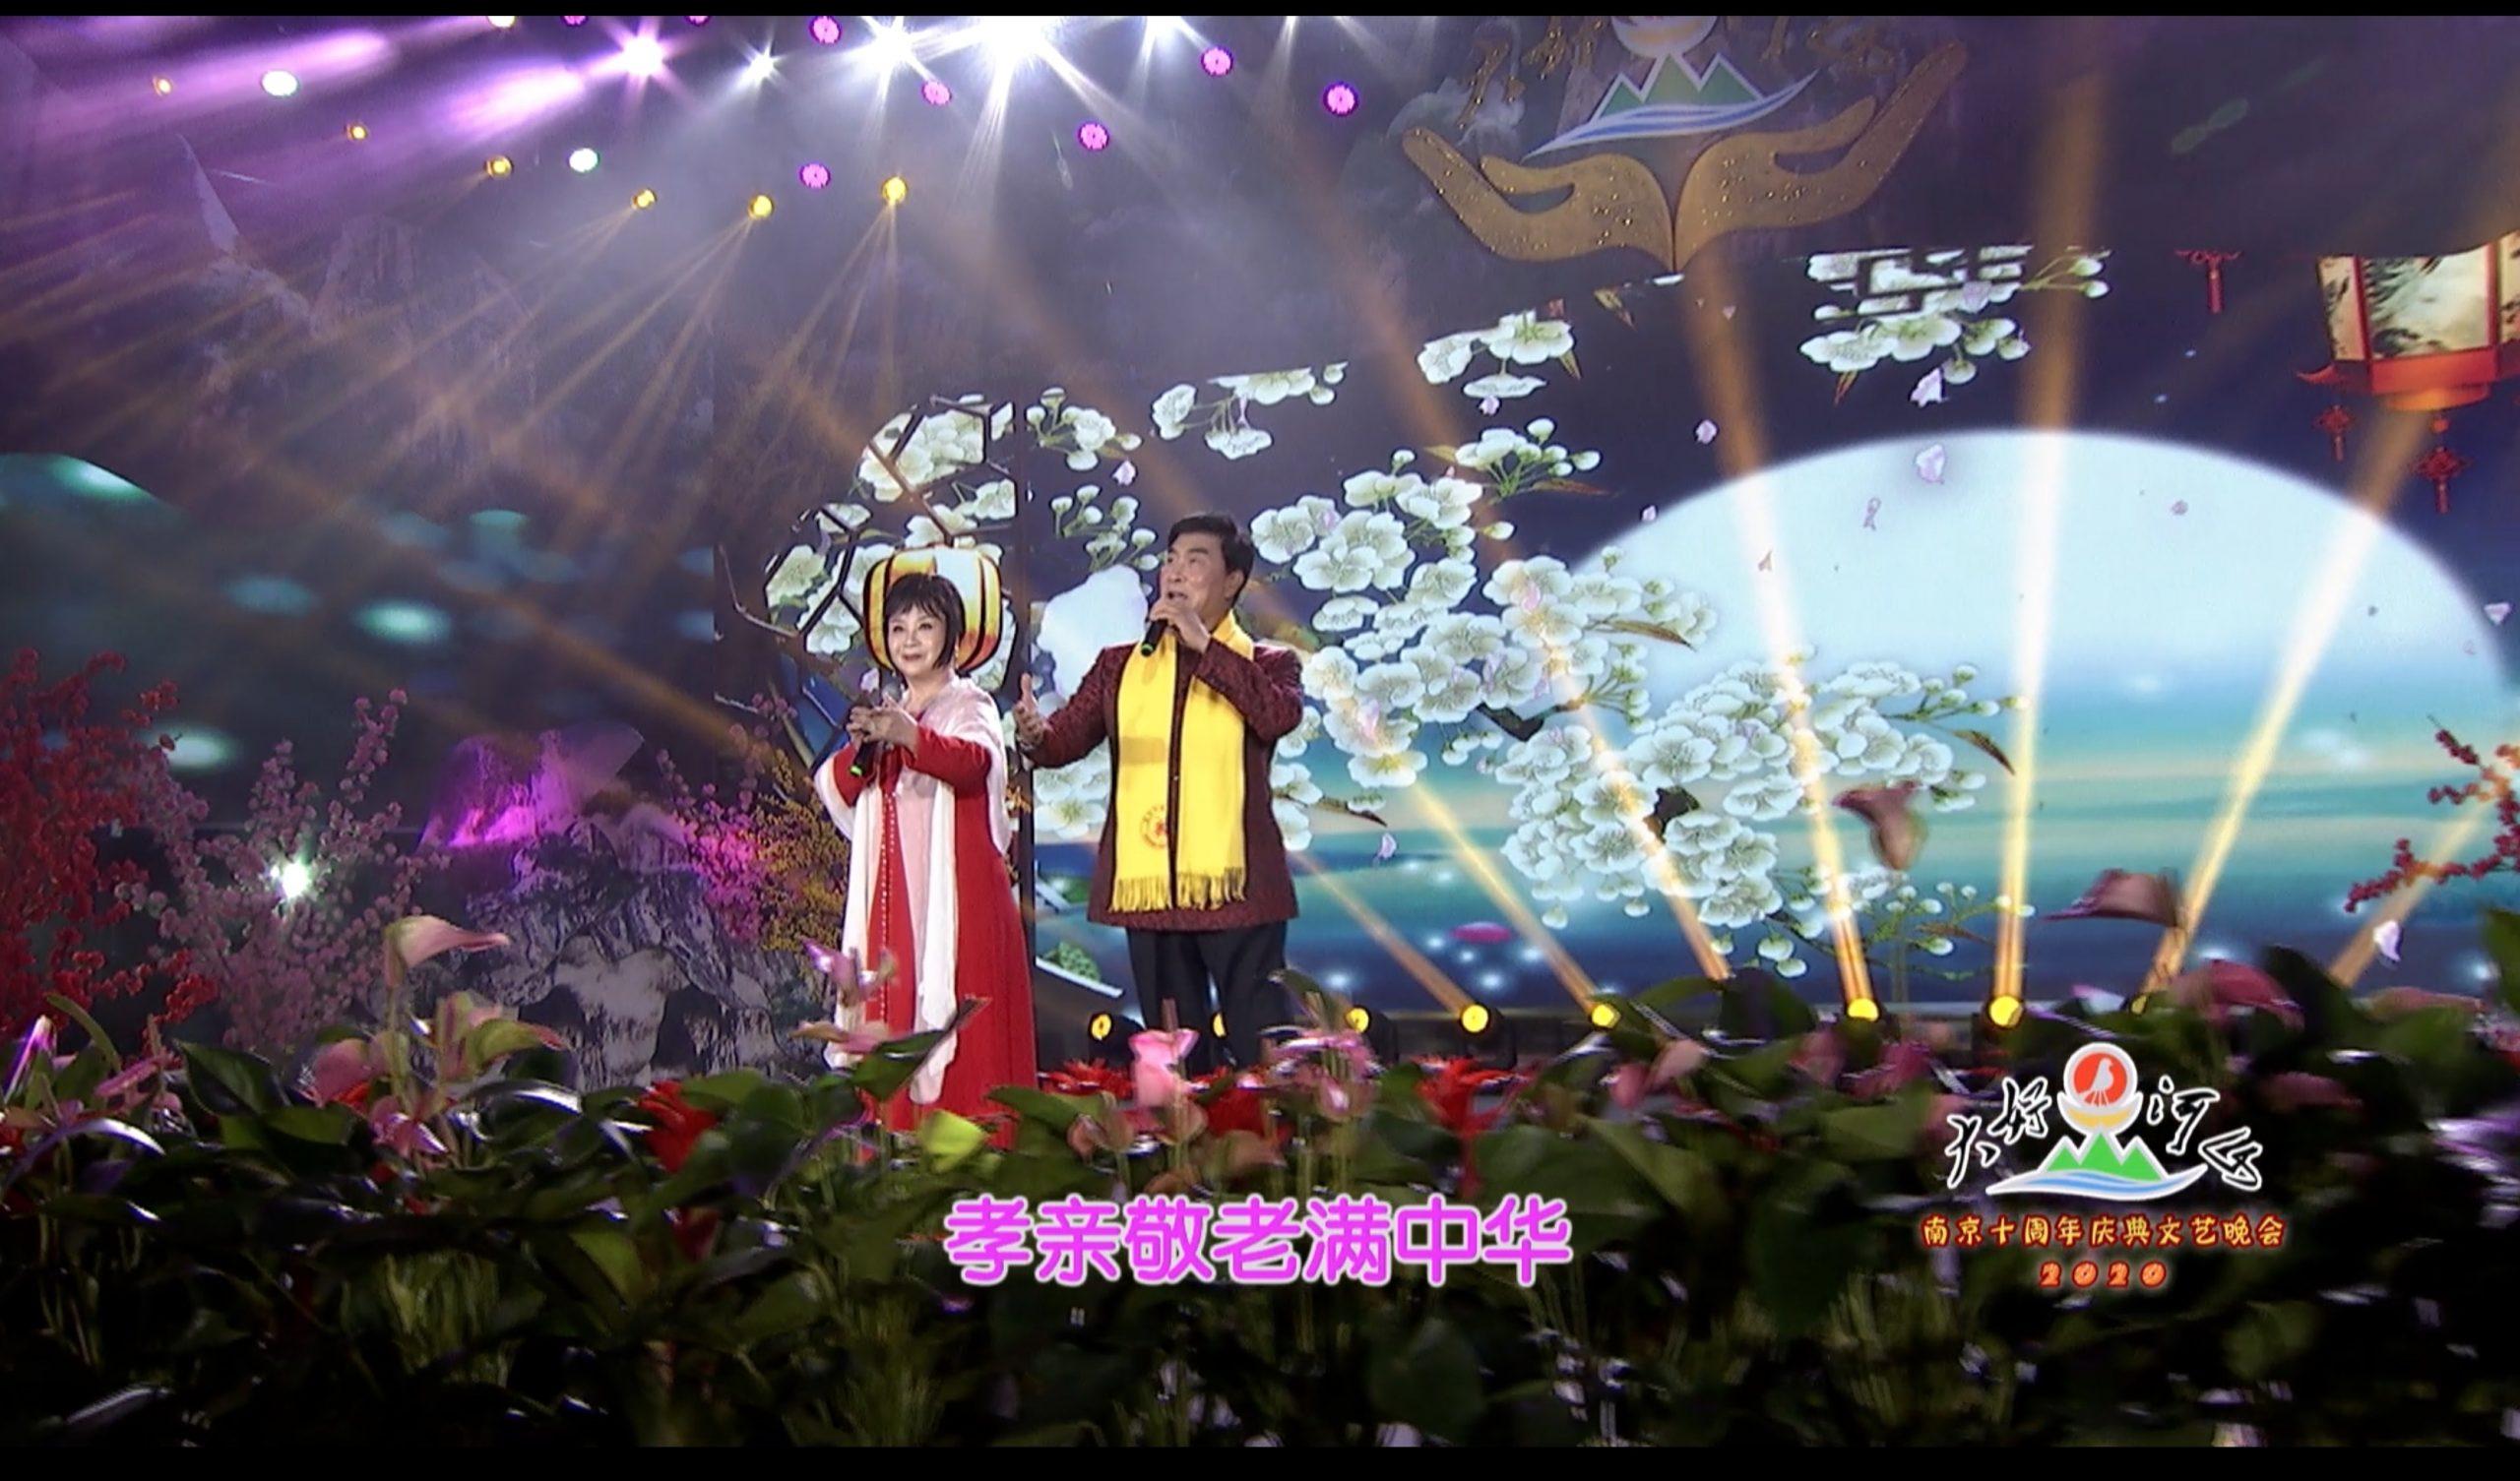 2020大好河山南京十周年庆典公益晚会 戏歌《大好河山是我家》朱宝光 戴月琴